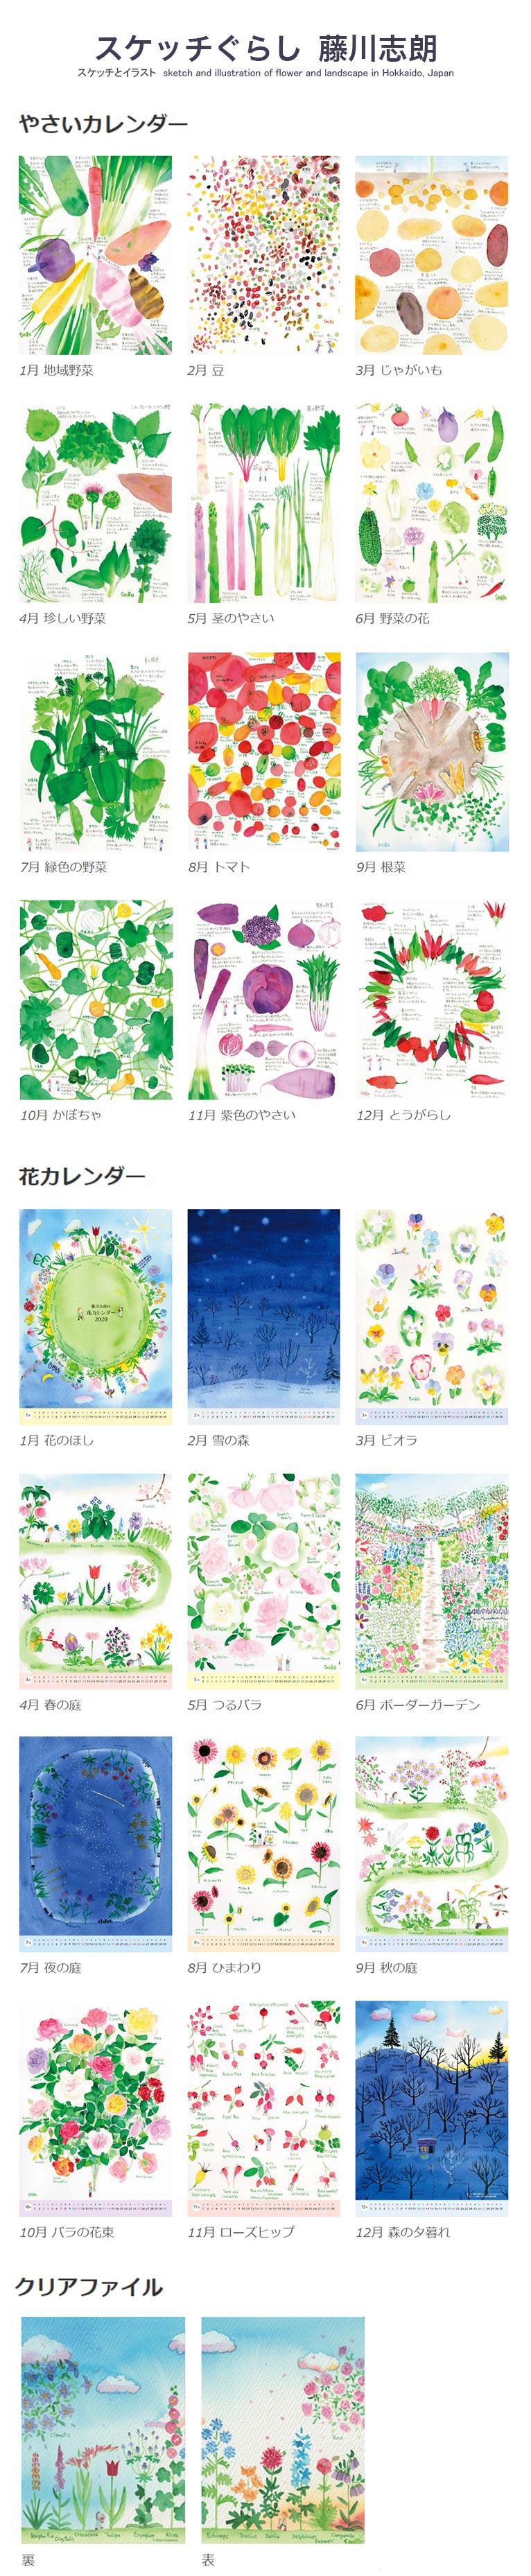 2020年版カレンダー&クリアファイル スケッチとイラスト 藤川志朗